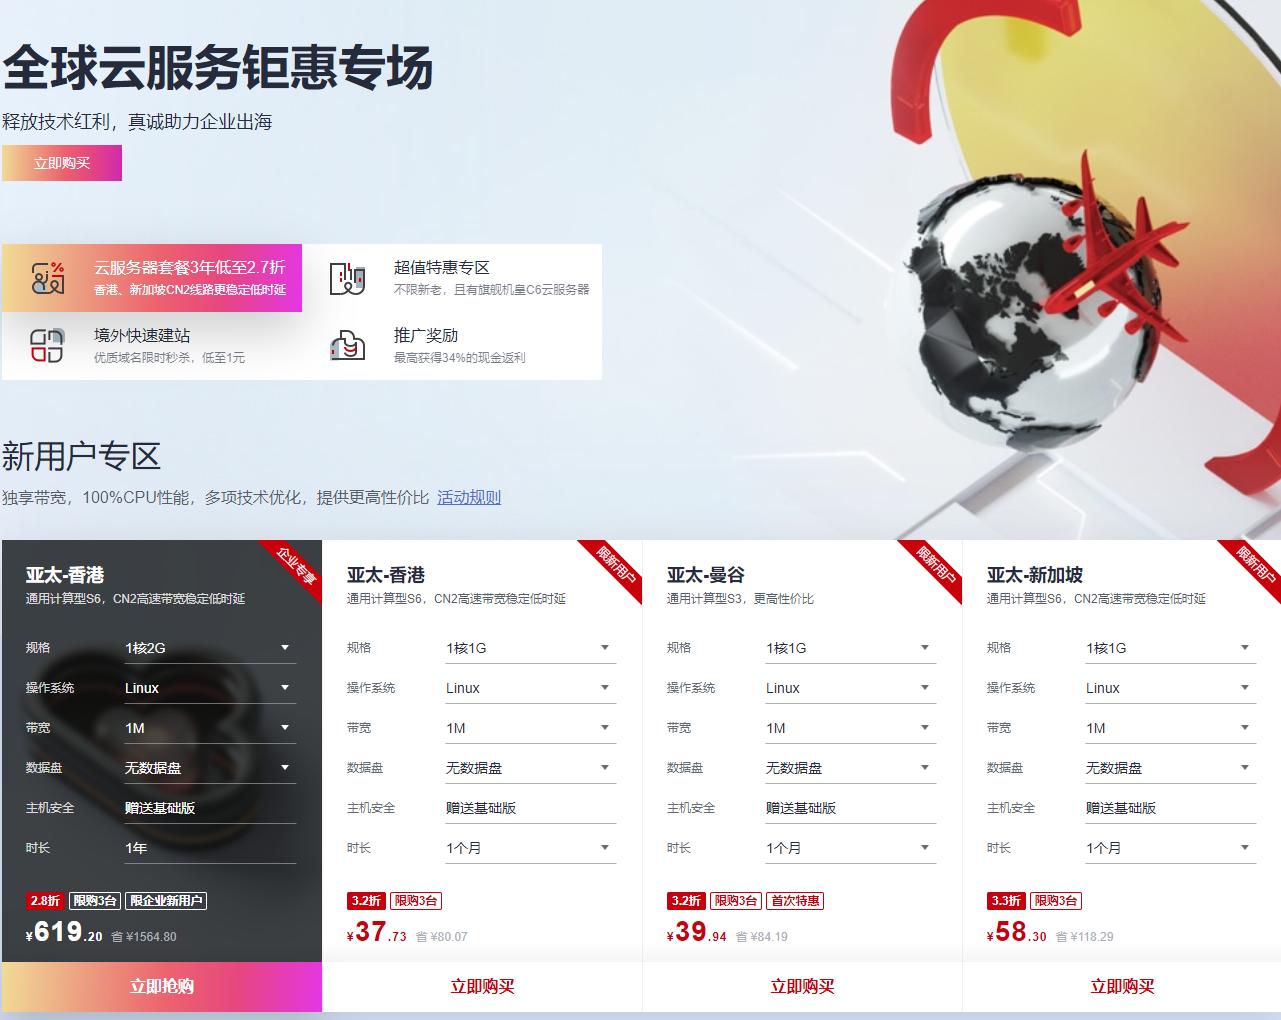 华为云全球云服务钜惠专场:香港CN2云服务器低至32元起,新加坡CN2低至58元插图1